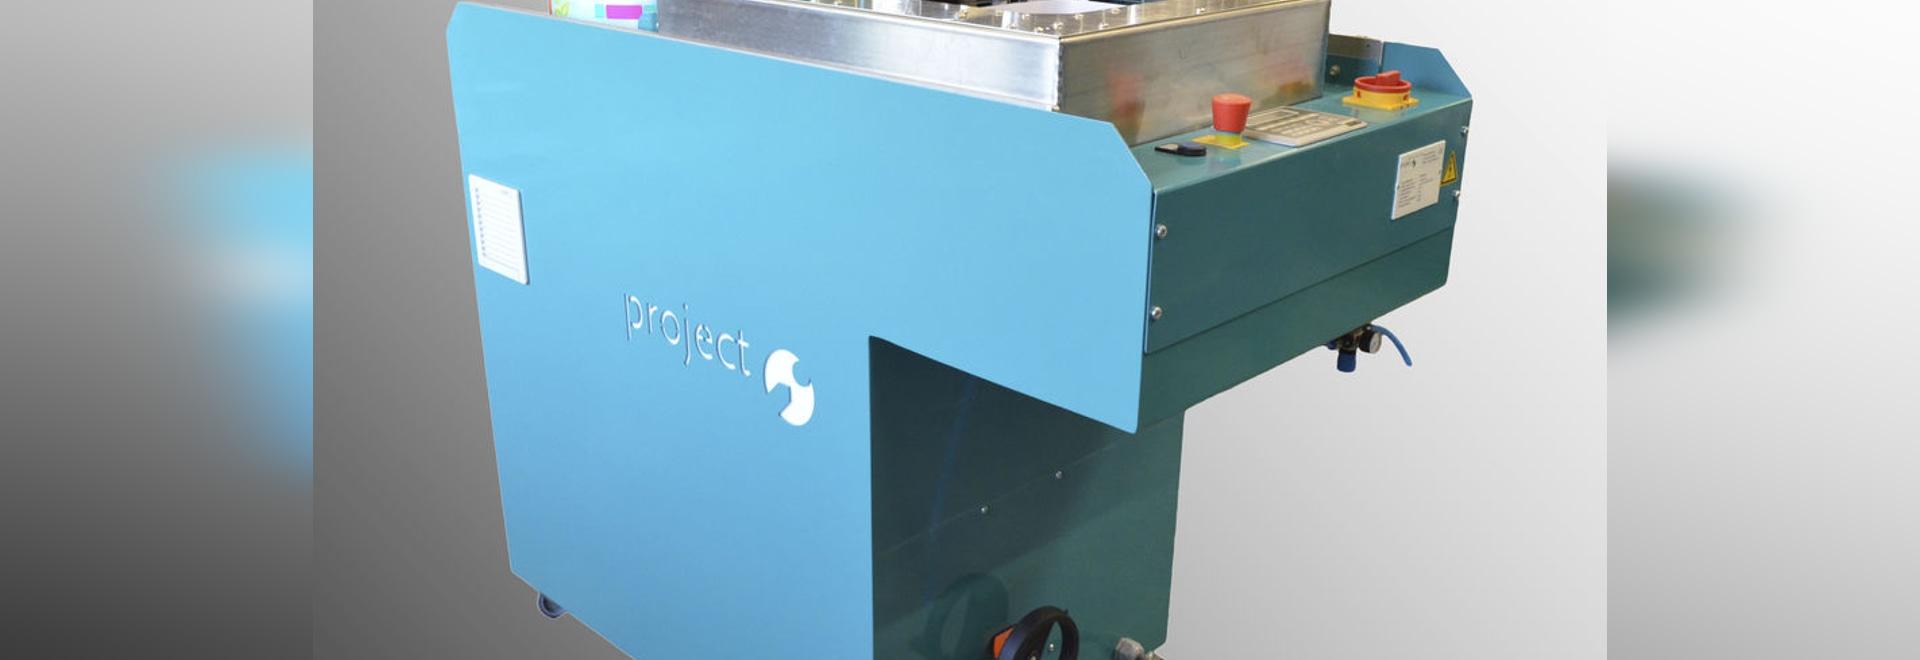 NOUVEAU : emballage manuel de bout droit par l'automation et la technologie de projet Gmbh